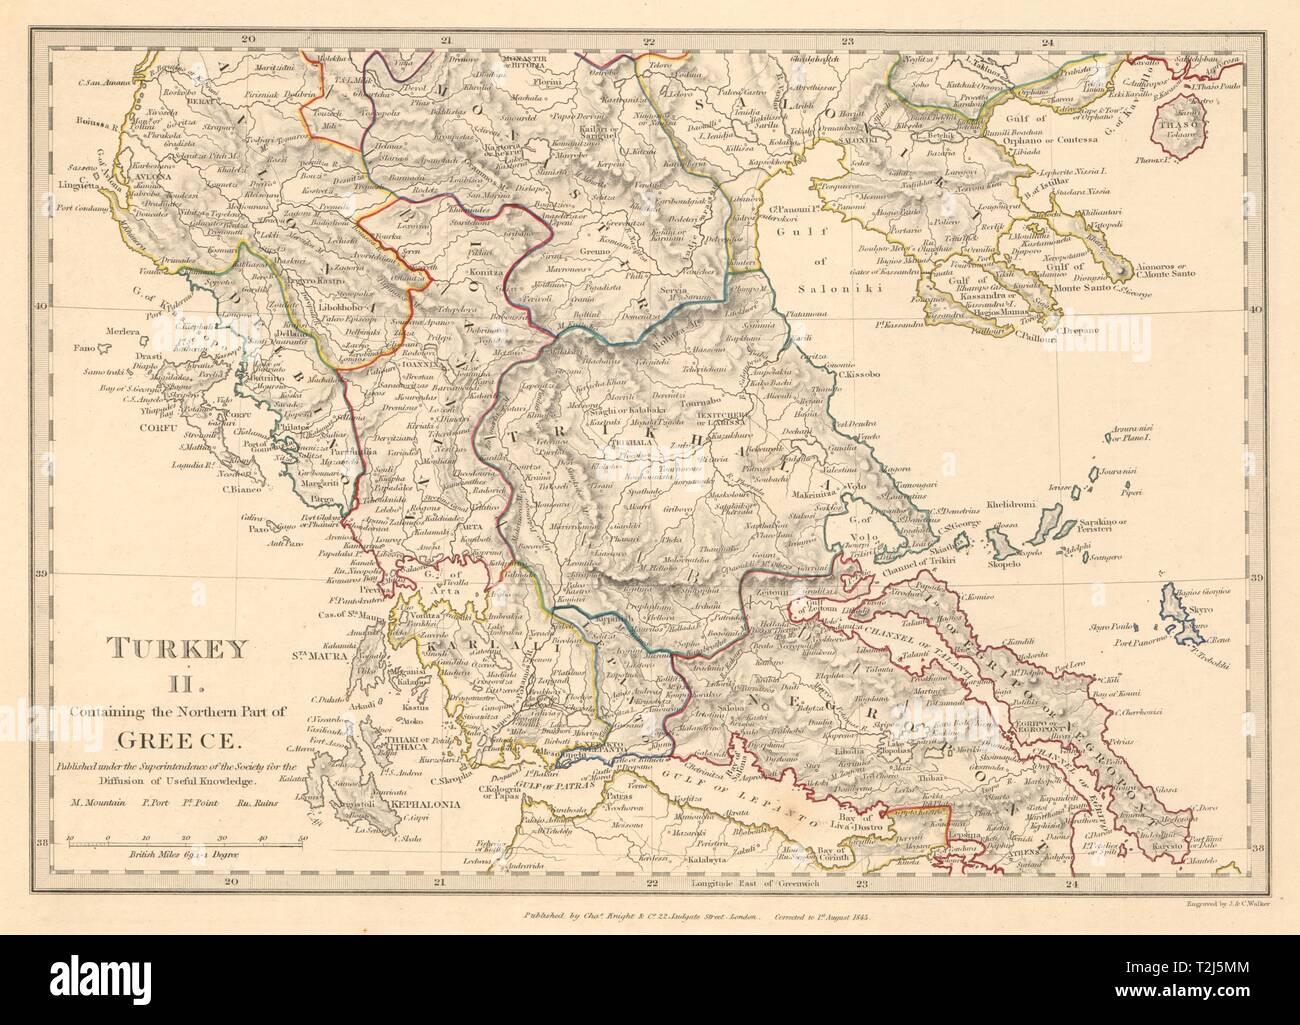 Grecia Corfu Ionian Eubea Kephalonia Salonica Lepanto Ioannina